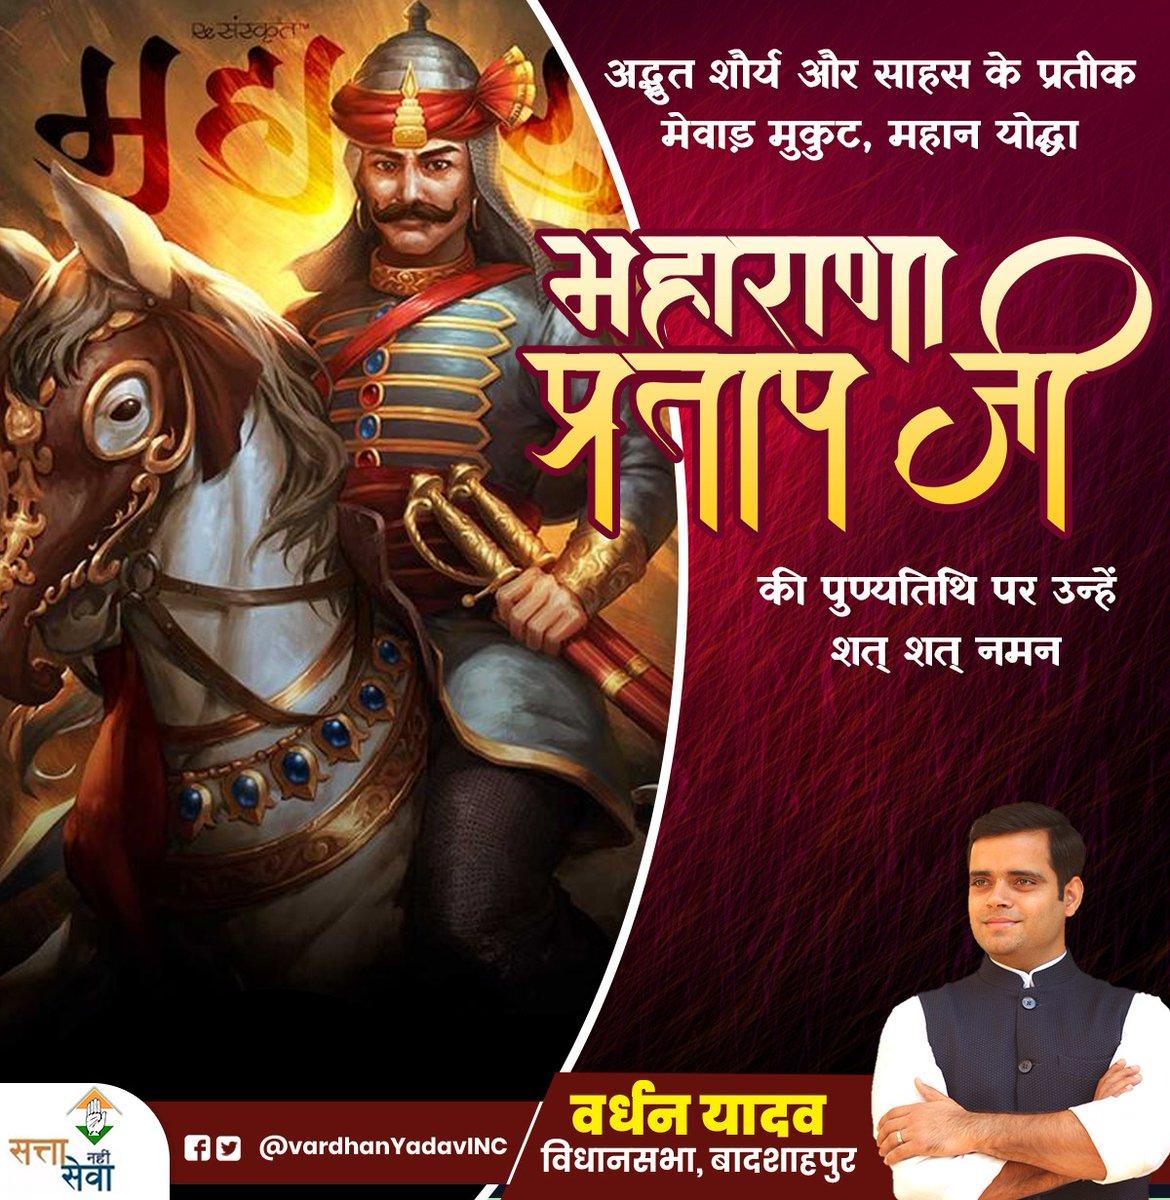 अद्भुत शौर्य और साहस के प्रतीक मेवाड़ मुकुट, महान योद्धा महाराणा प्रताप जी की पुण्यतिथि पर उन्हें शत् शत् नमन 💐💐 #MaharanaPratap